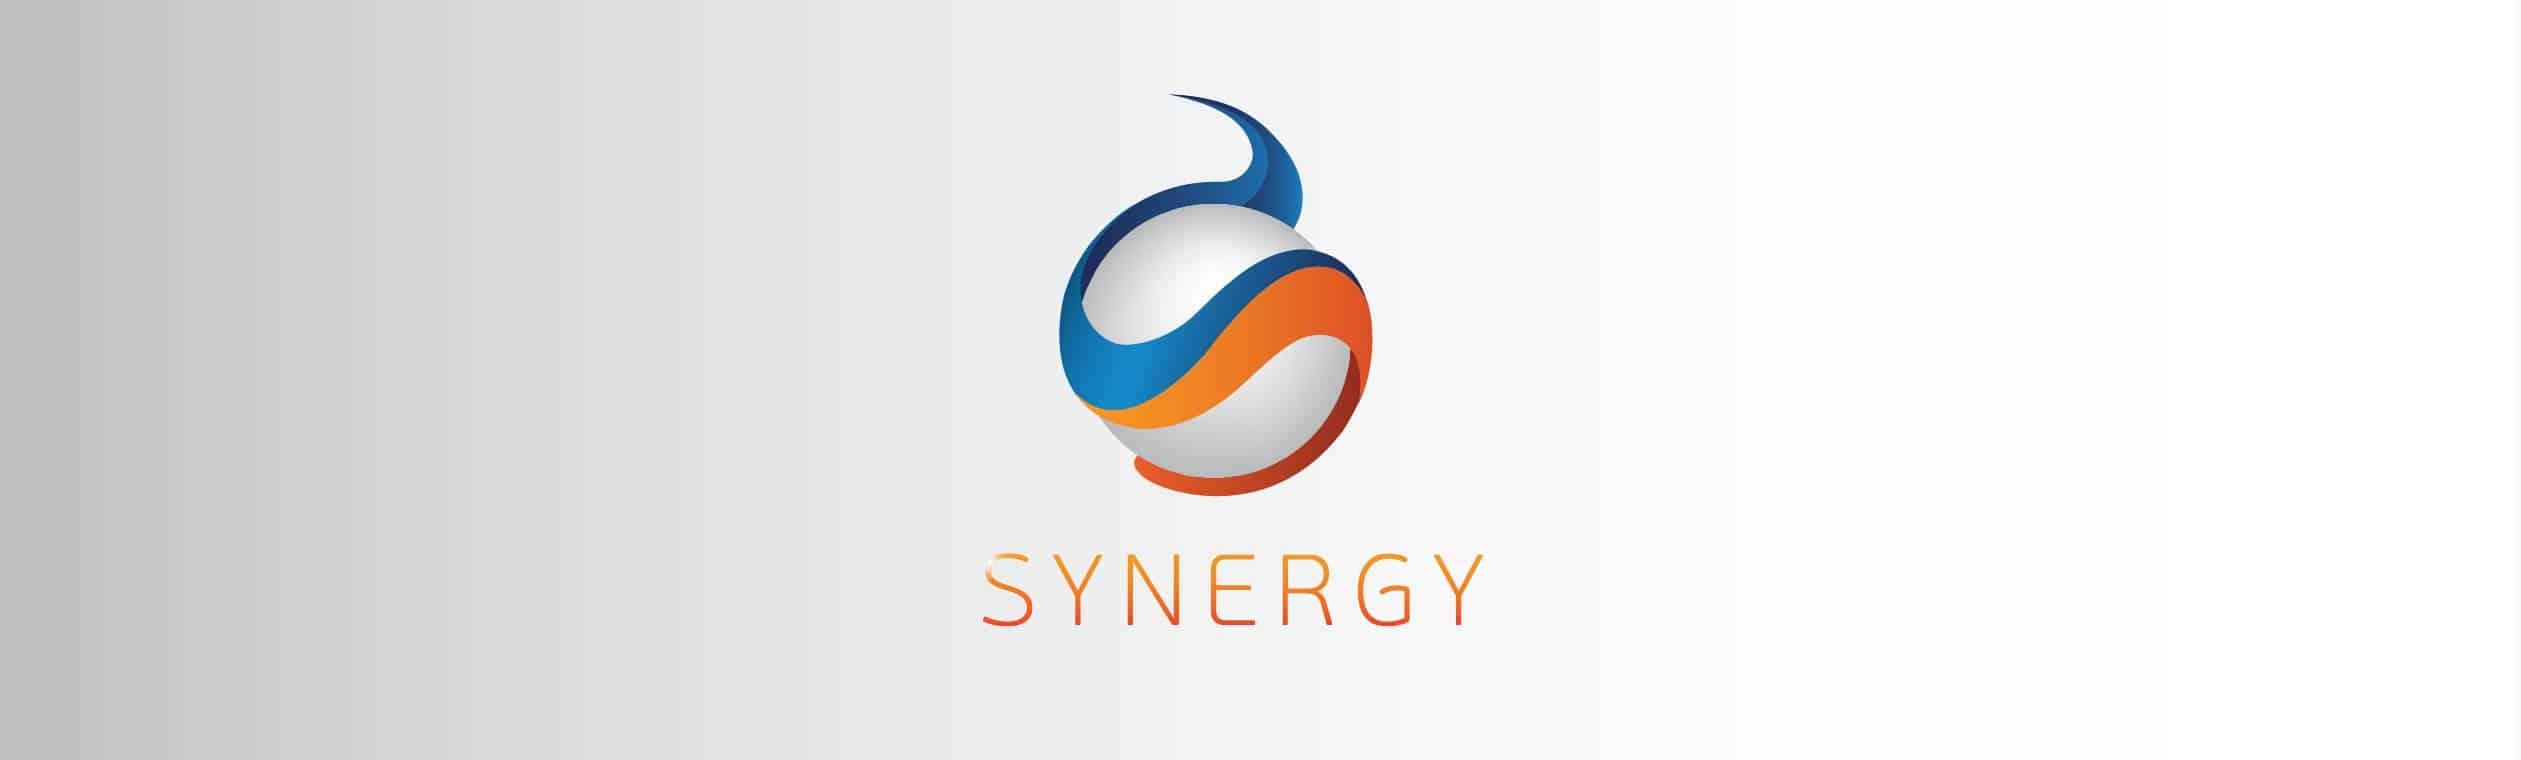 synergy-02